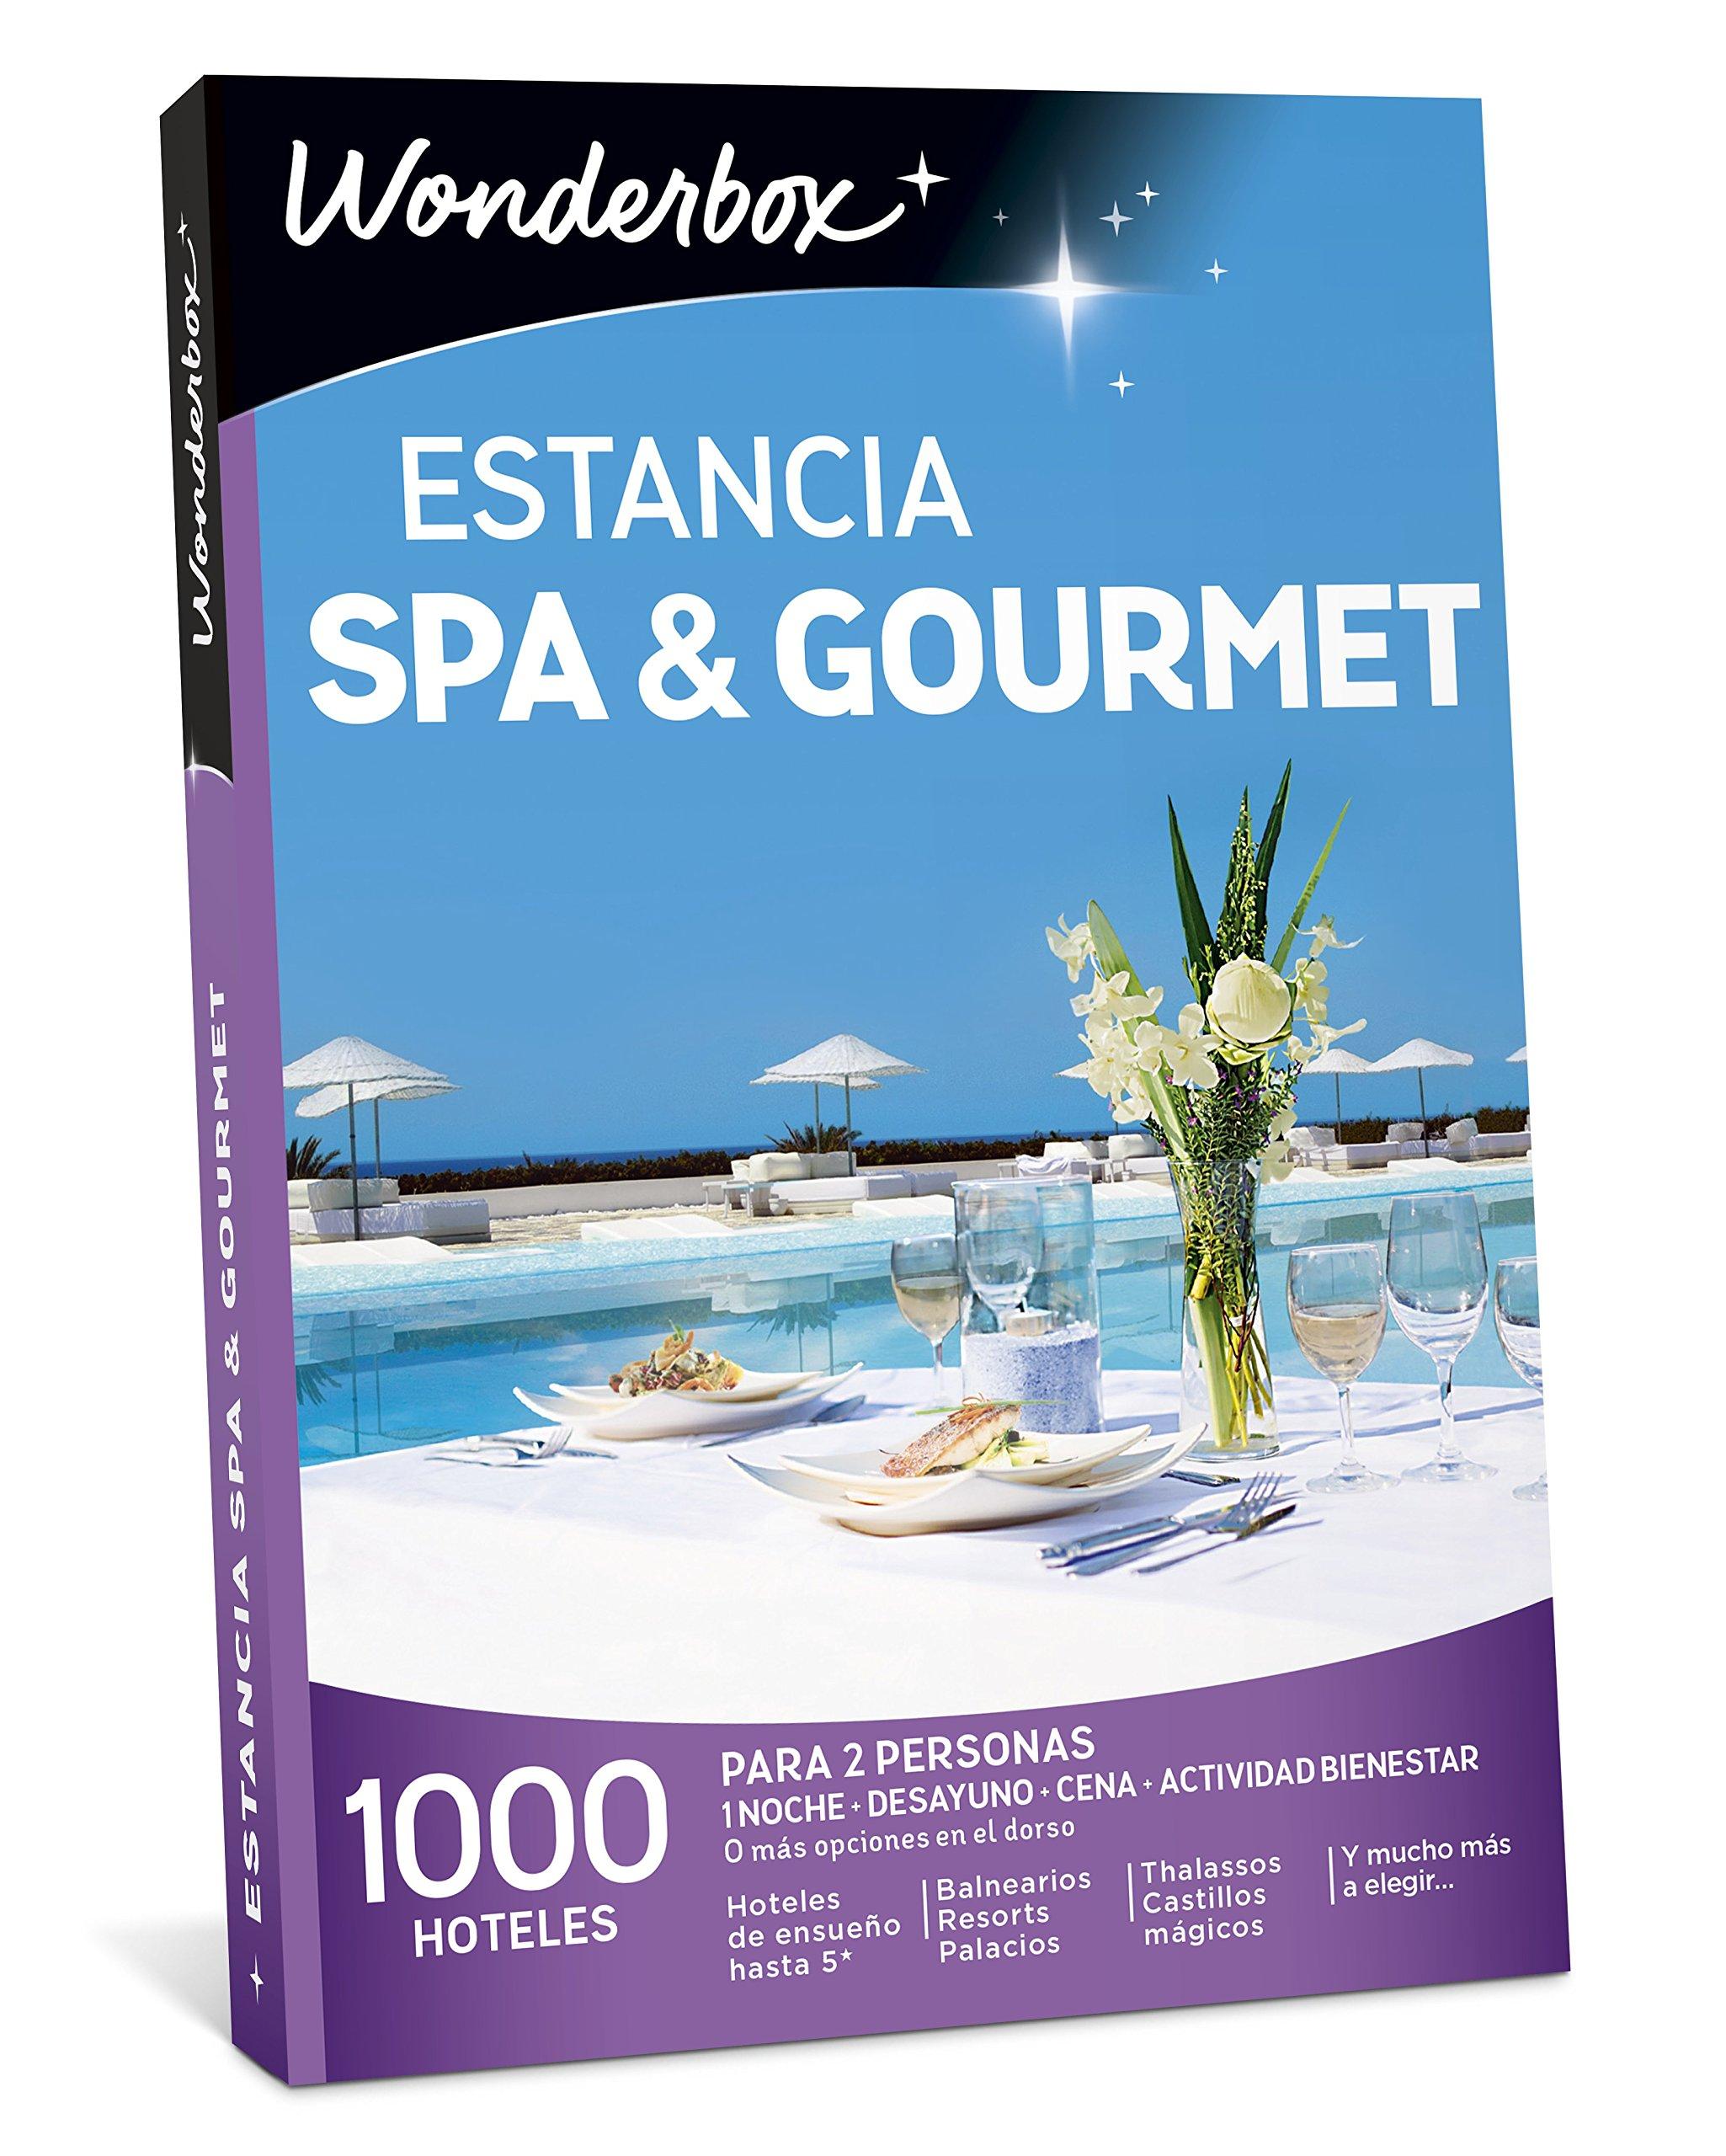 Wonderbox Caja Regalo -ESTANCIA SPA & GOURMET- 1.000 hoteles para ...